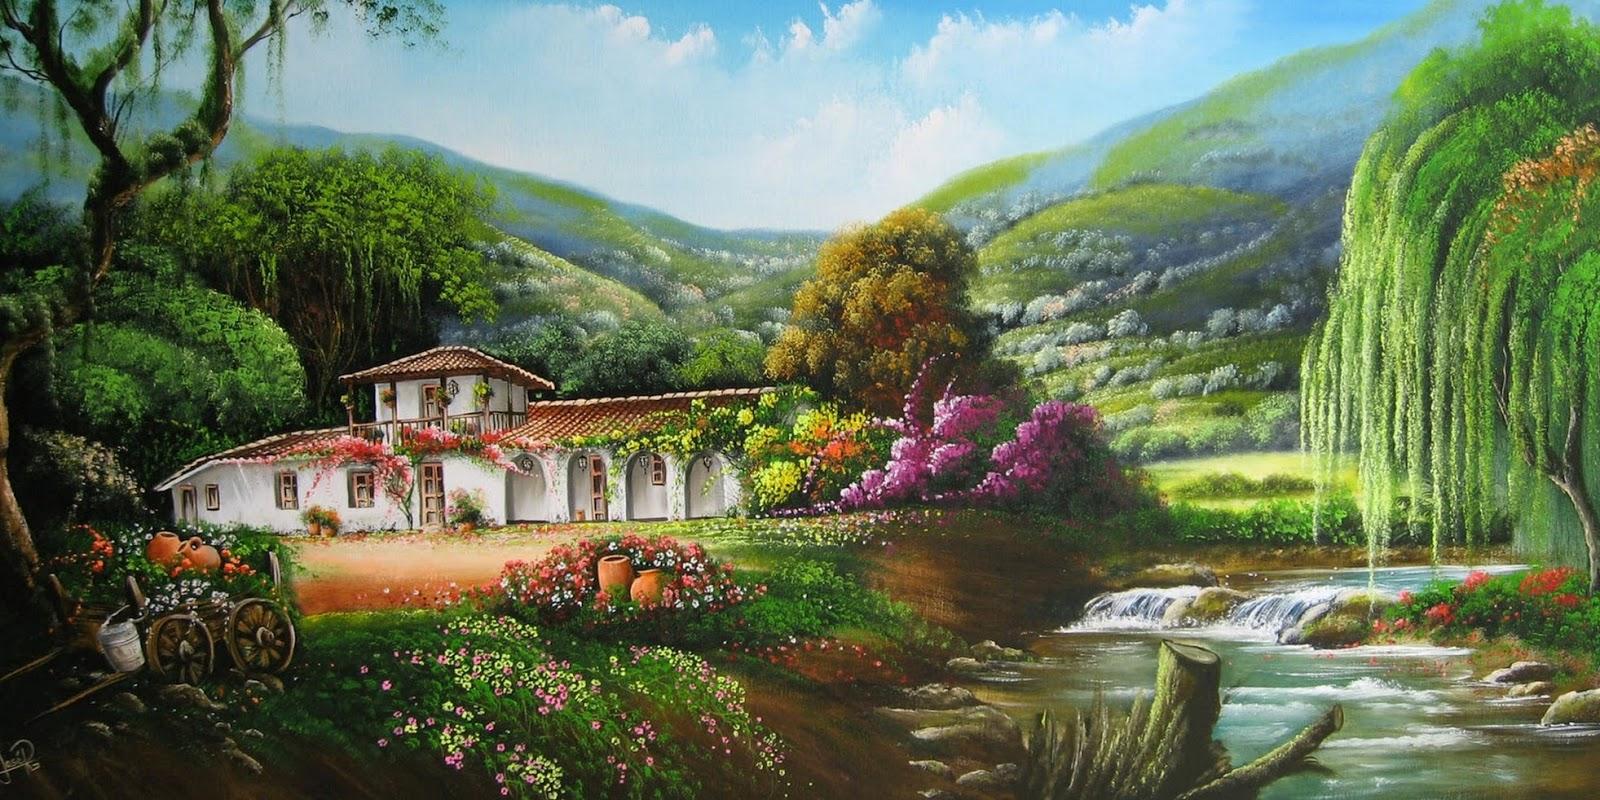 Im genes arte pinturas paisajes campestres jos ra l - Paisajes de casas ...